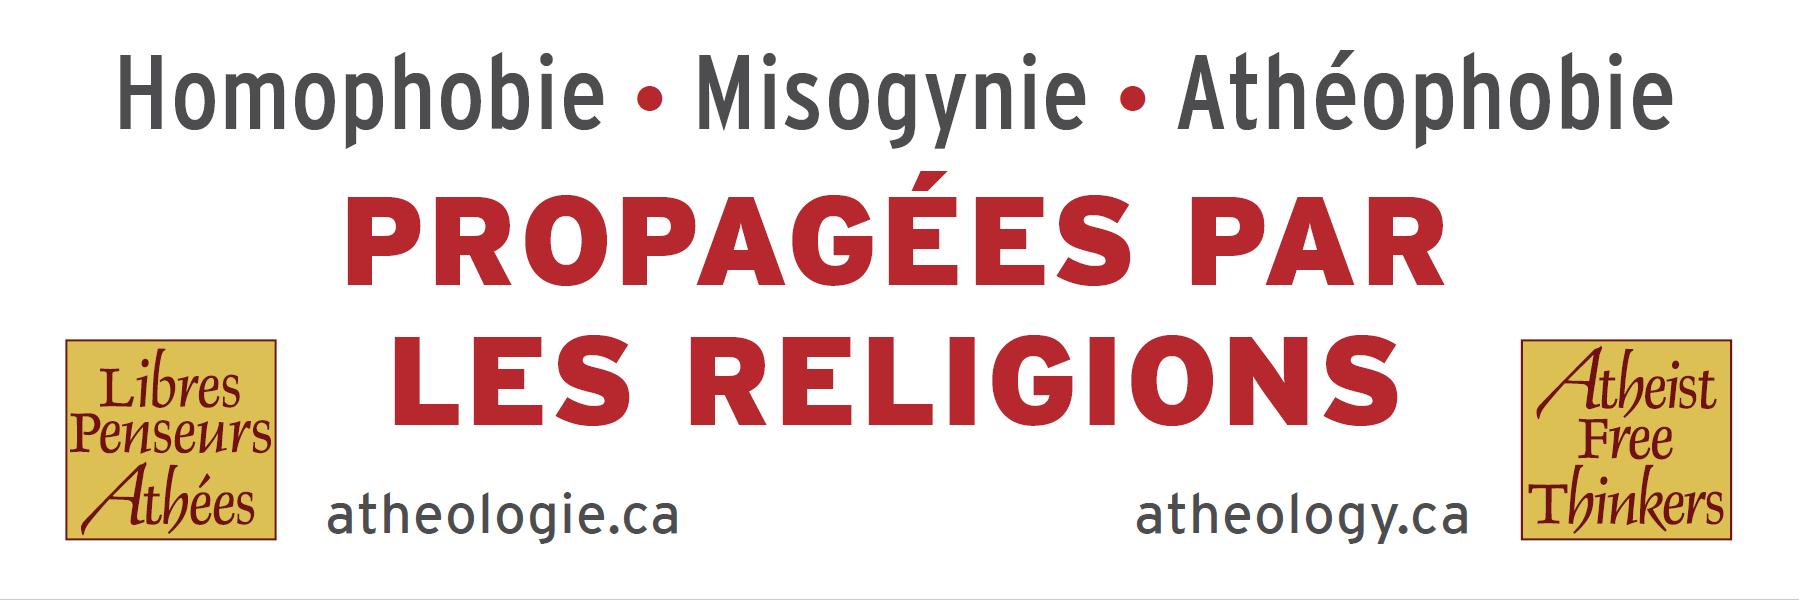 Denounce Homophobia, Misogyny and Atheophobia